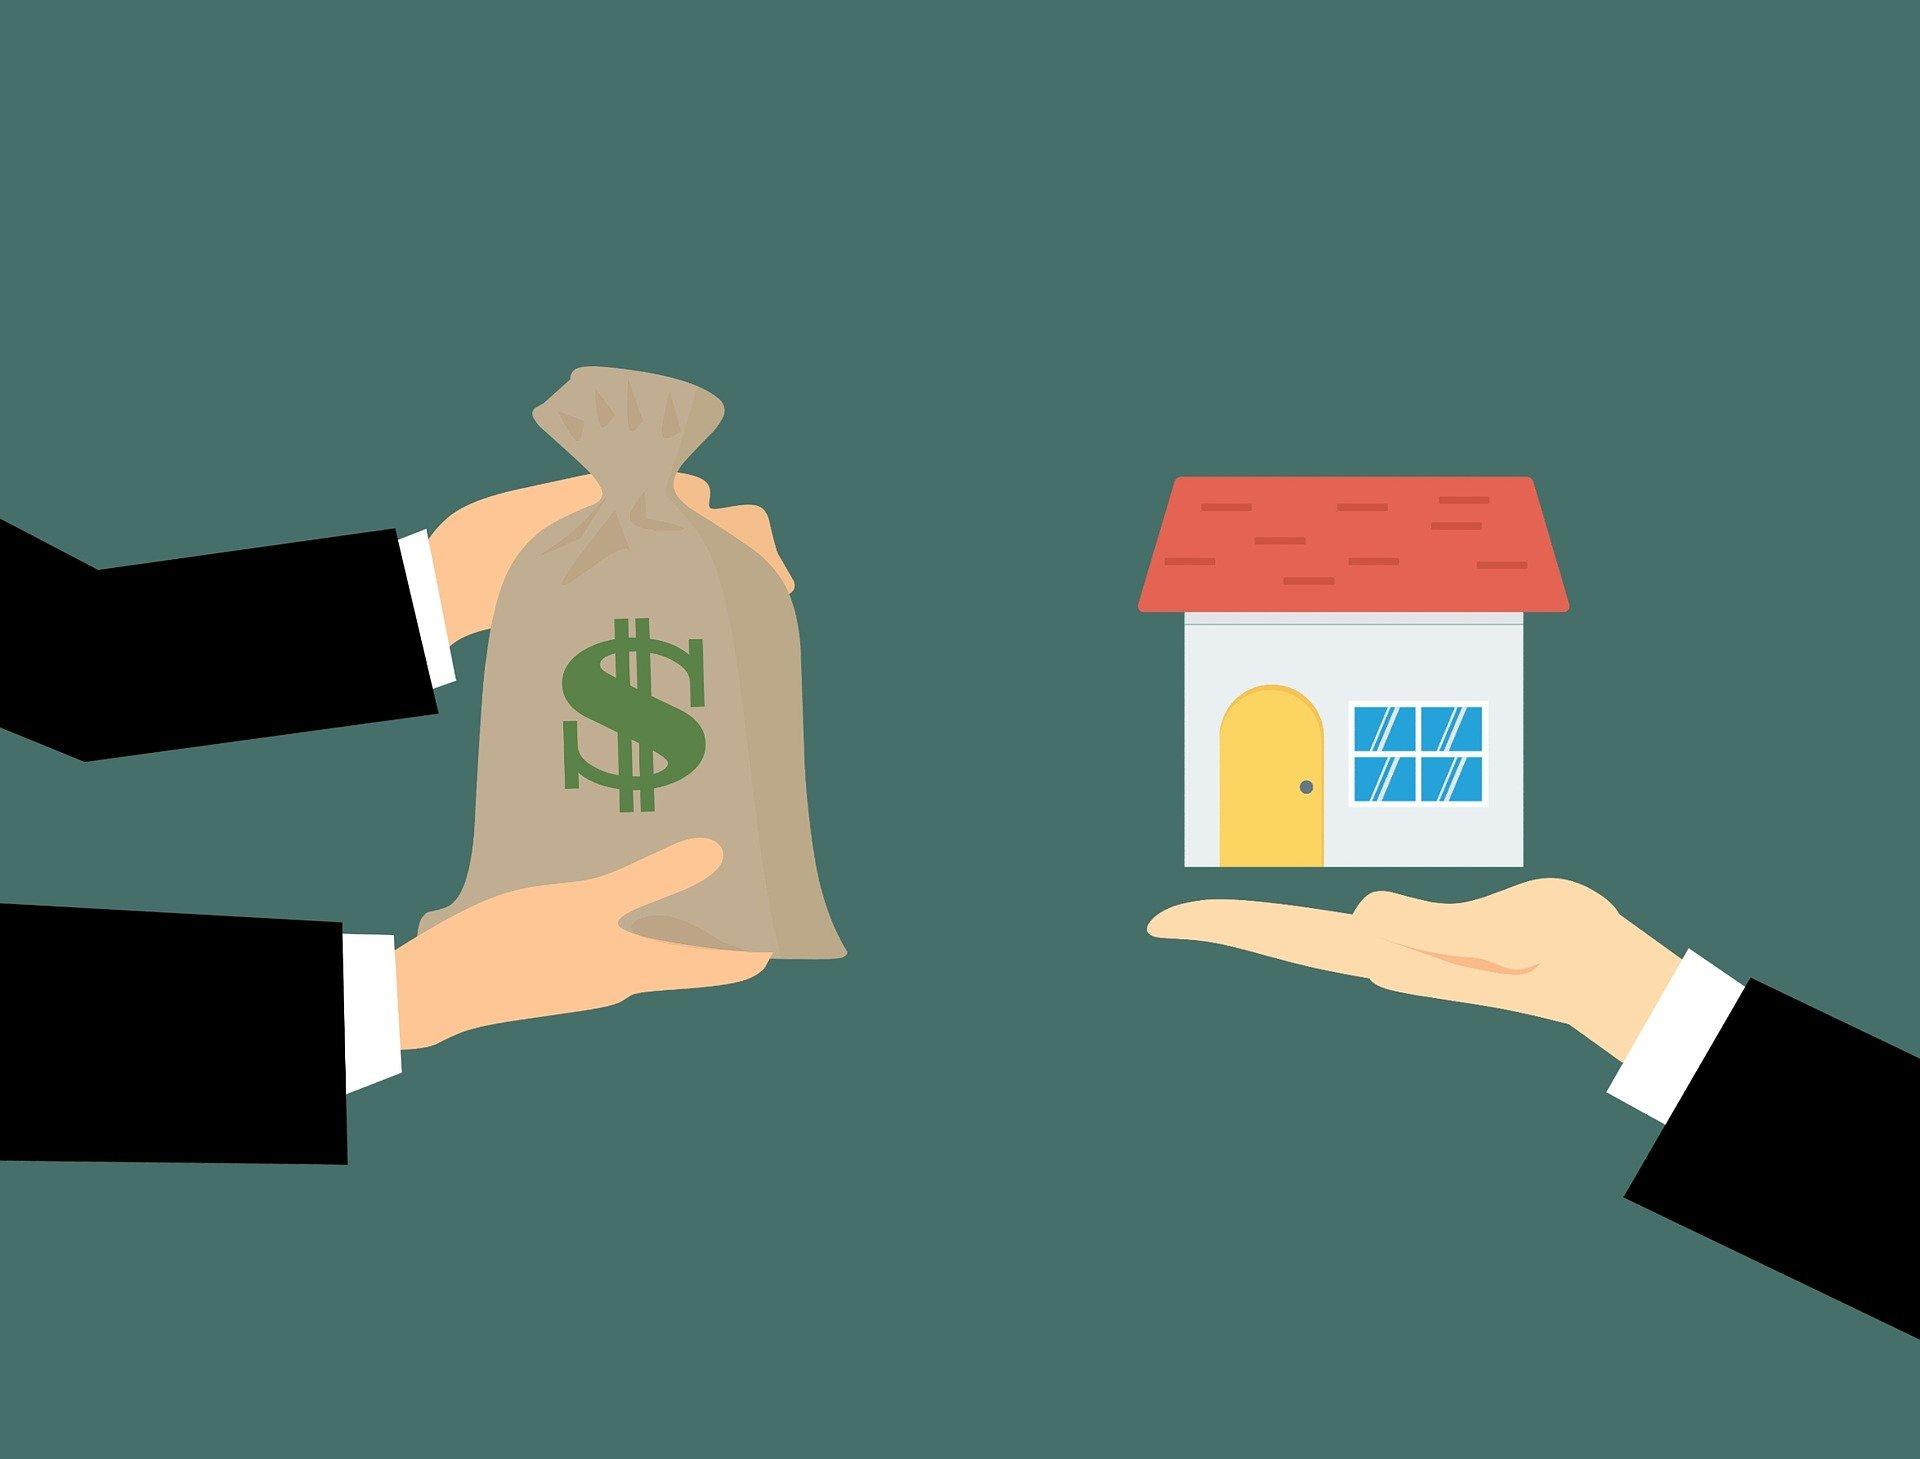 www.youraustralianproperty.com.au/buyers-agents-melbourne